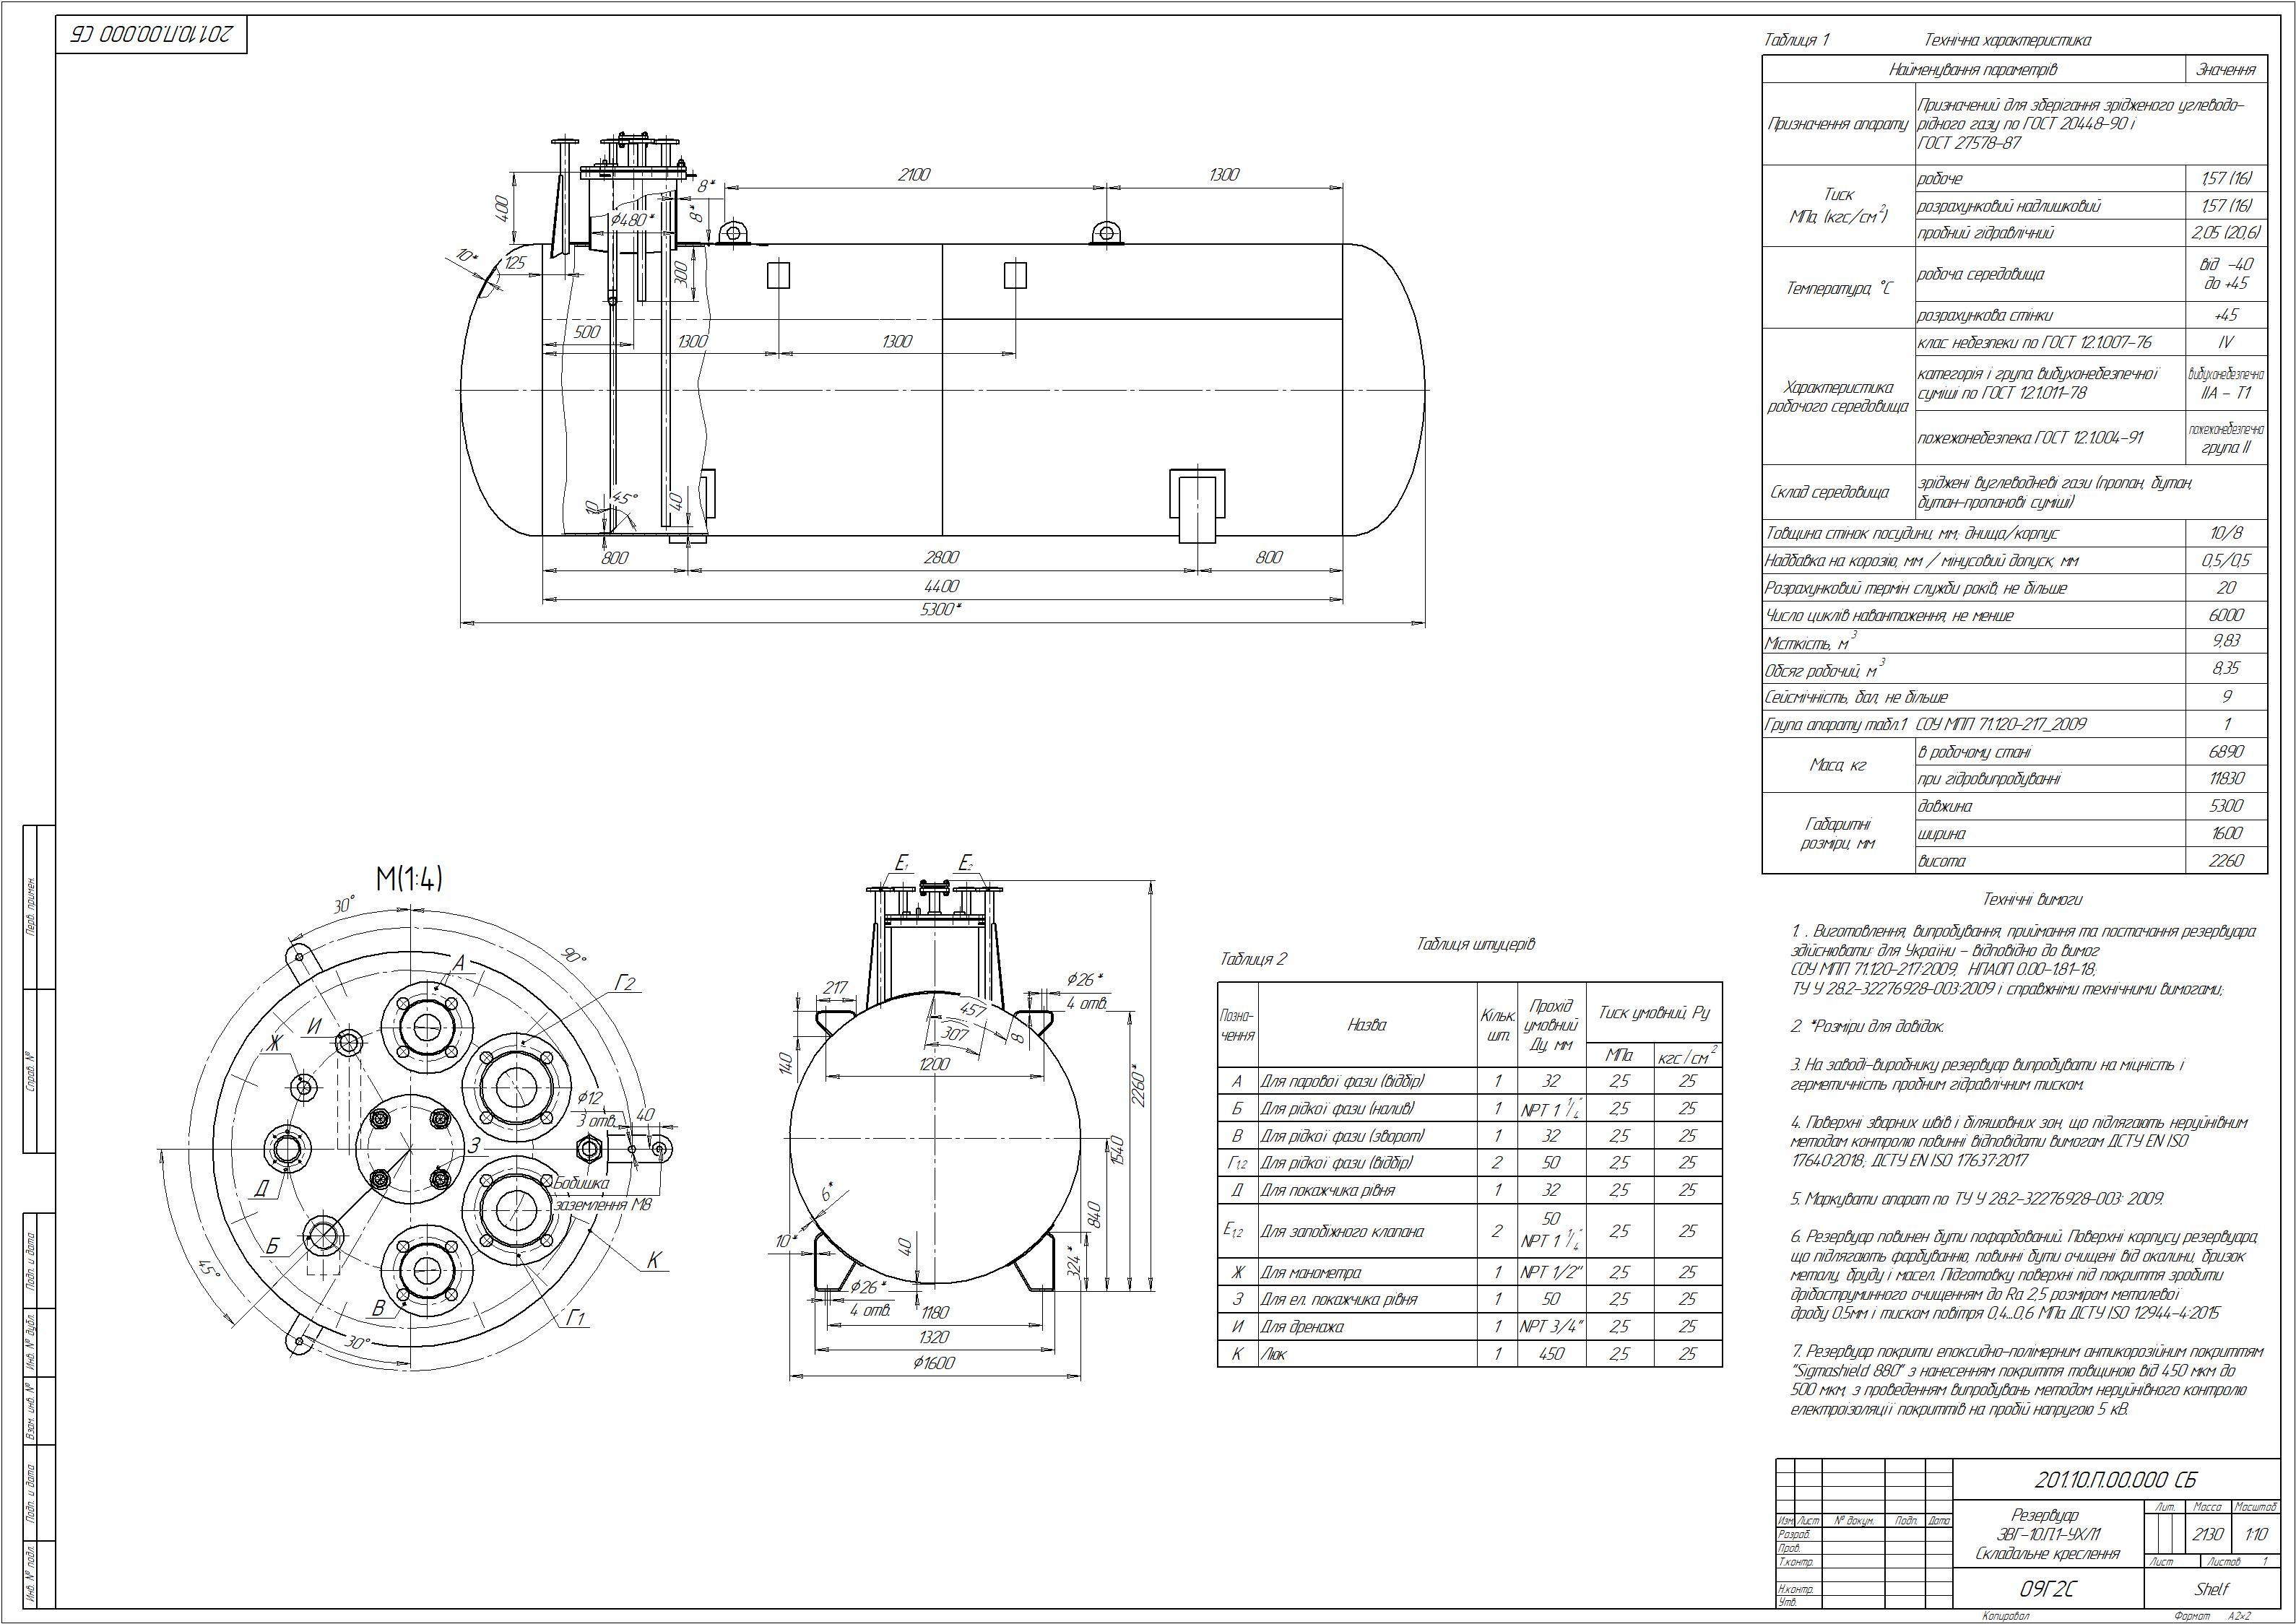 Схема резервуару підземного №7